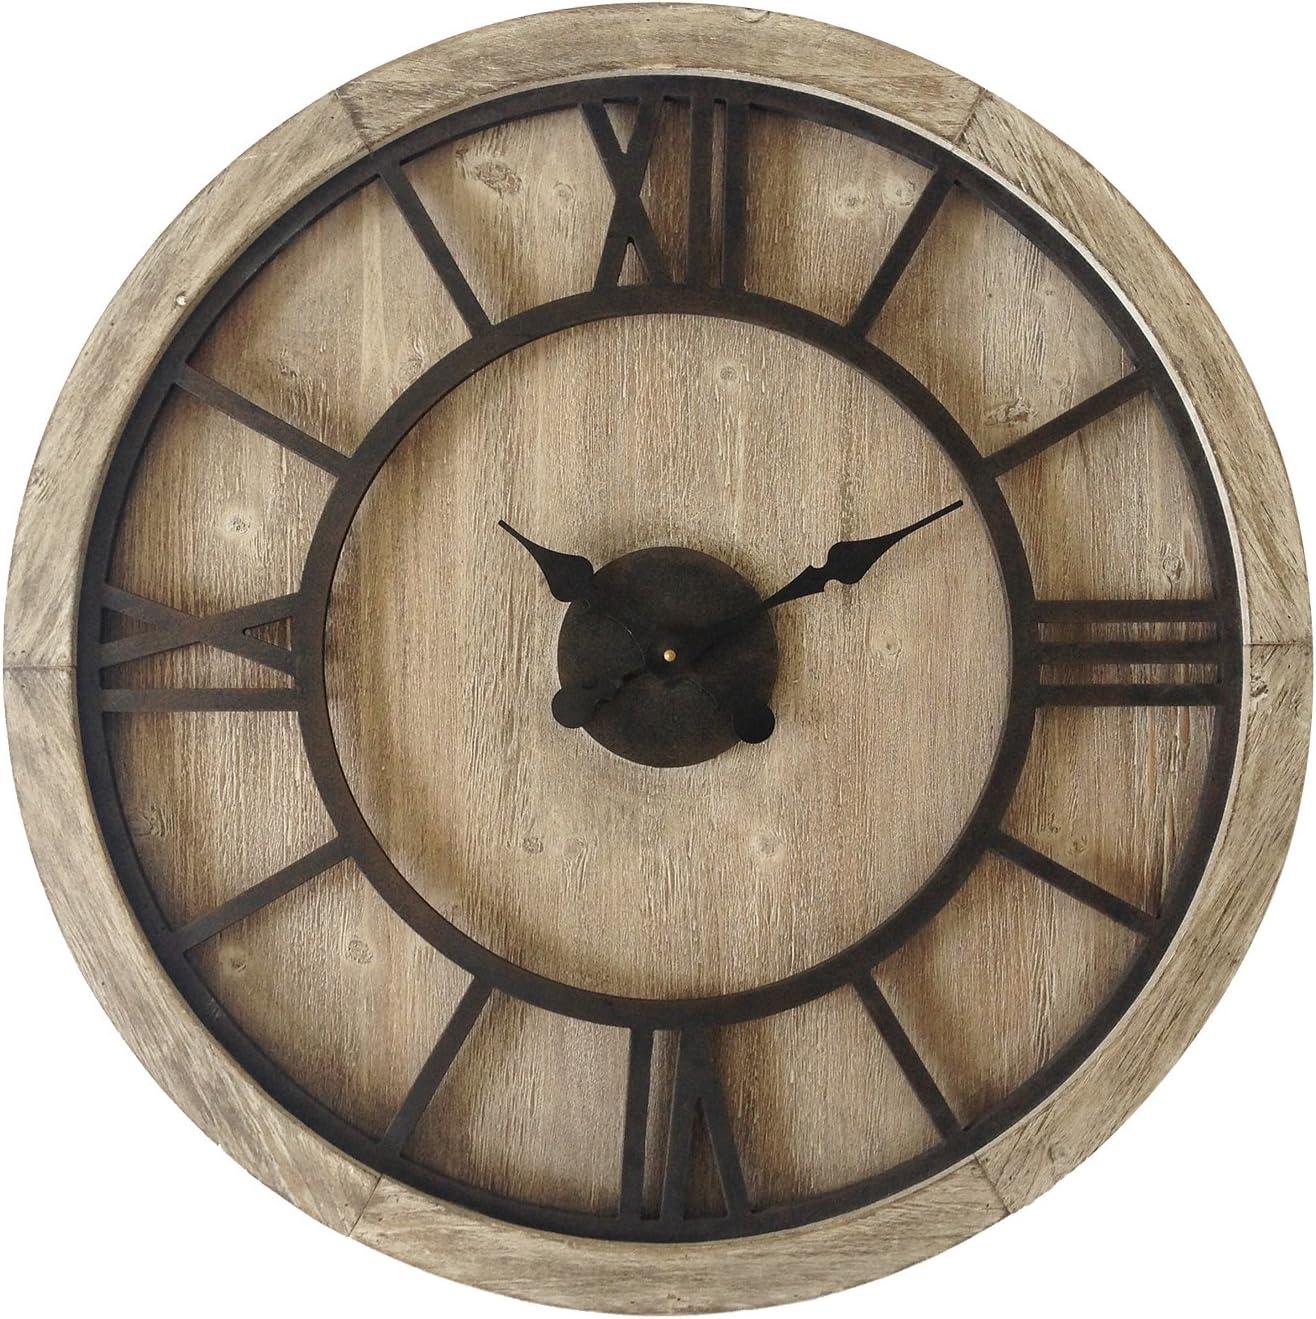 Rebecca Mobili Gran reloj redondo, madera de mdf de hierro, diseño retro, números romanos, decoración para el hogar - Medidas Ø 70 cm x P 5,5 cm ( AxANxF) - Art. RE6009